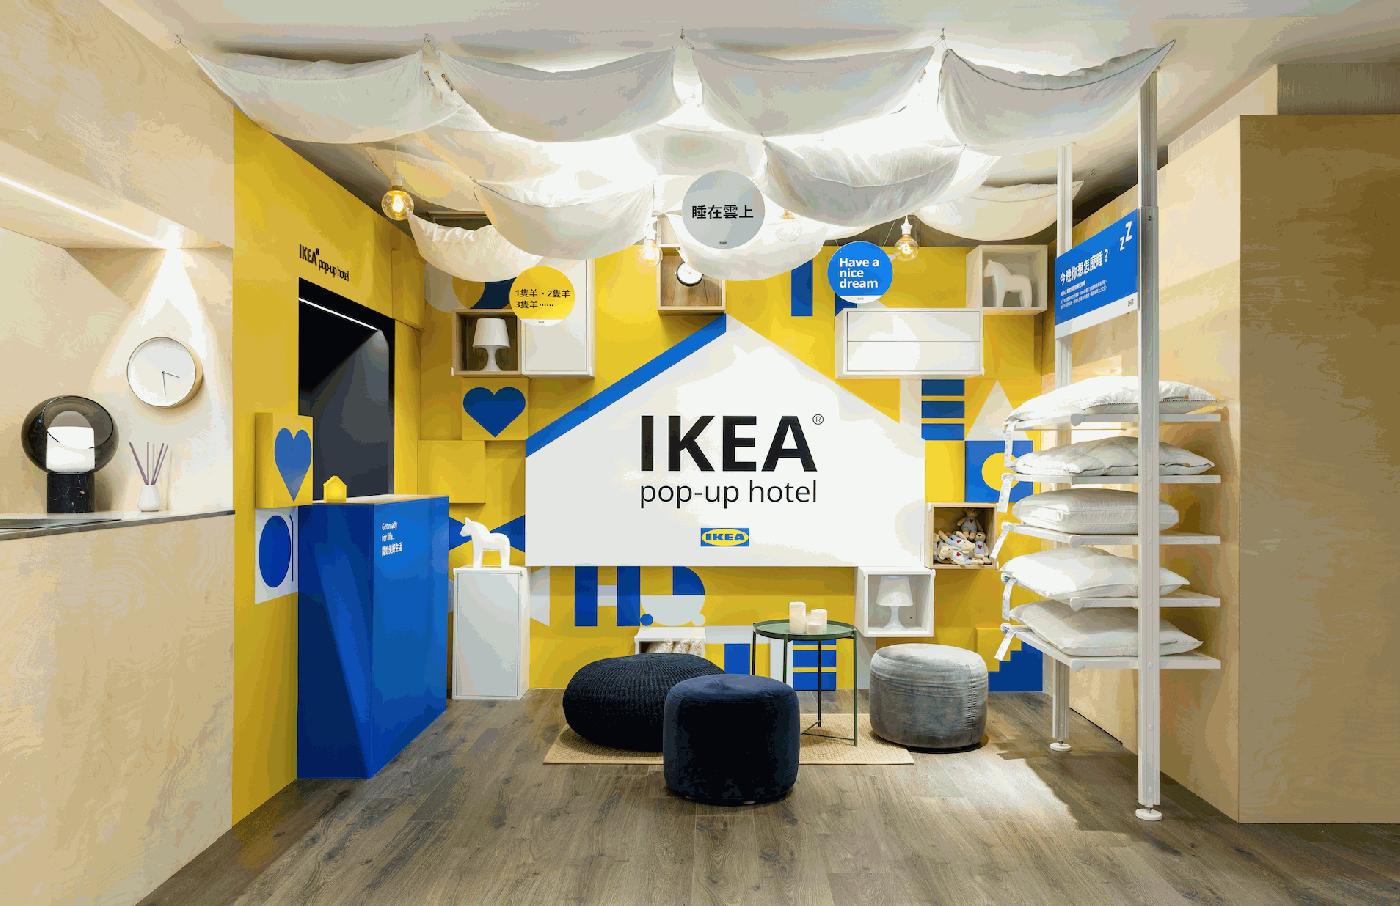 吸引3.5萬人排隊搶著睡!全台首間IKEA「快閃旅店」爆紅,破解背後的行銷術